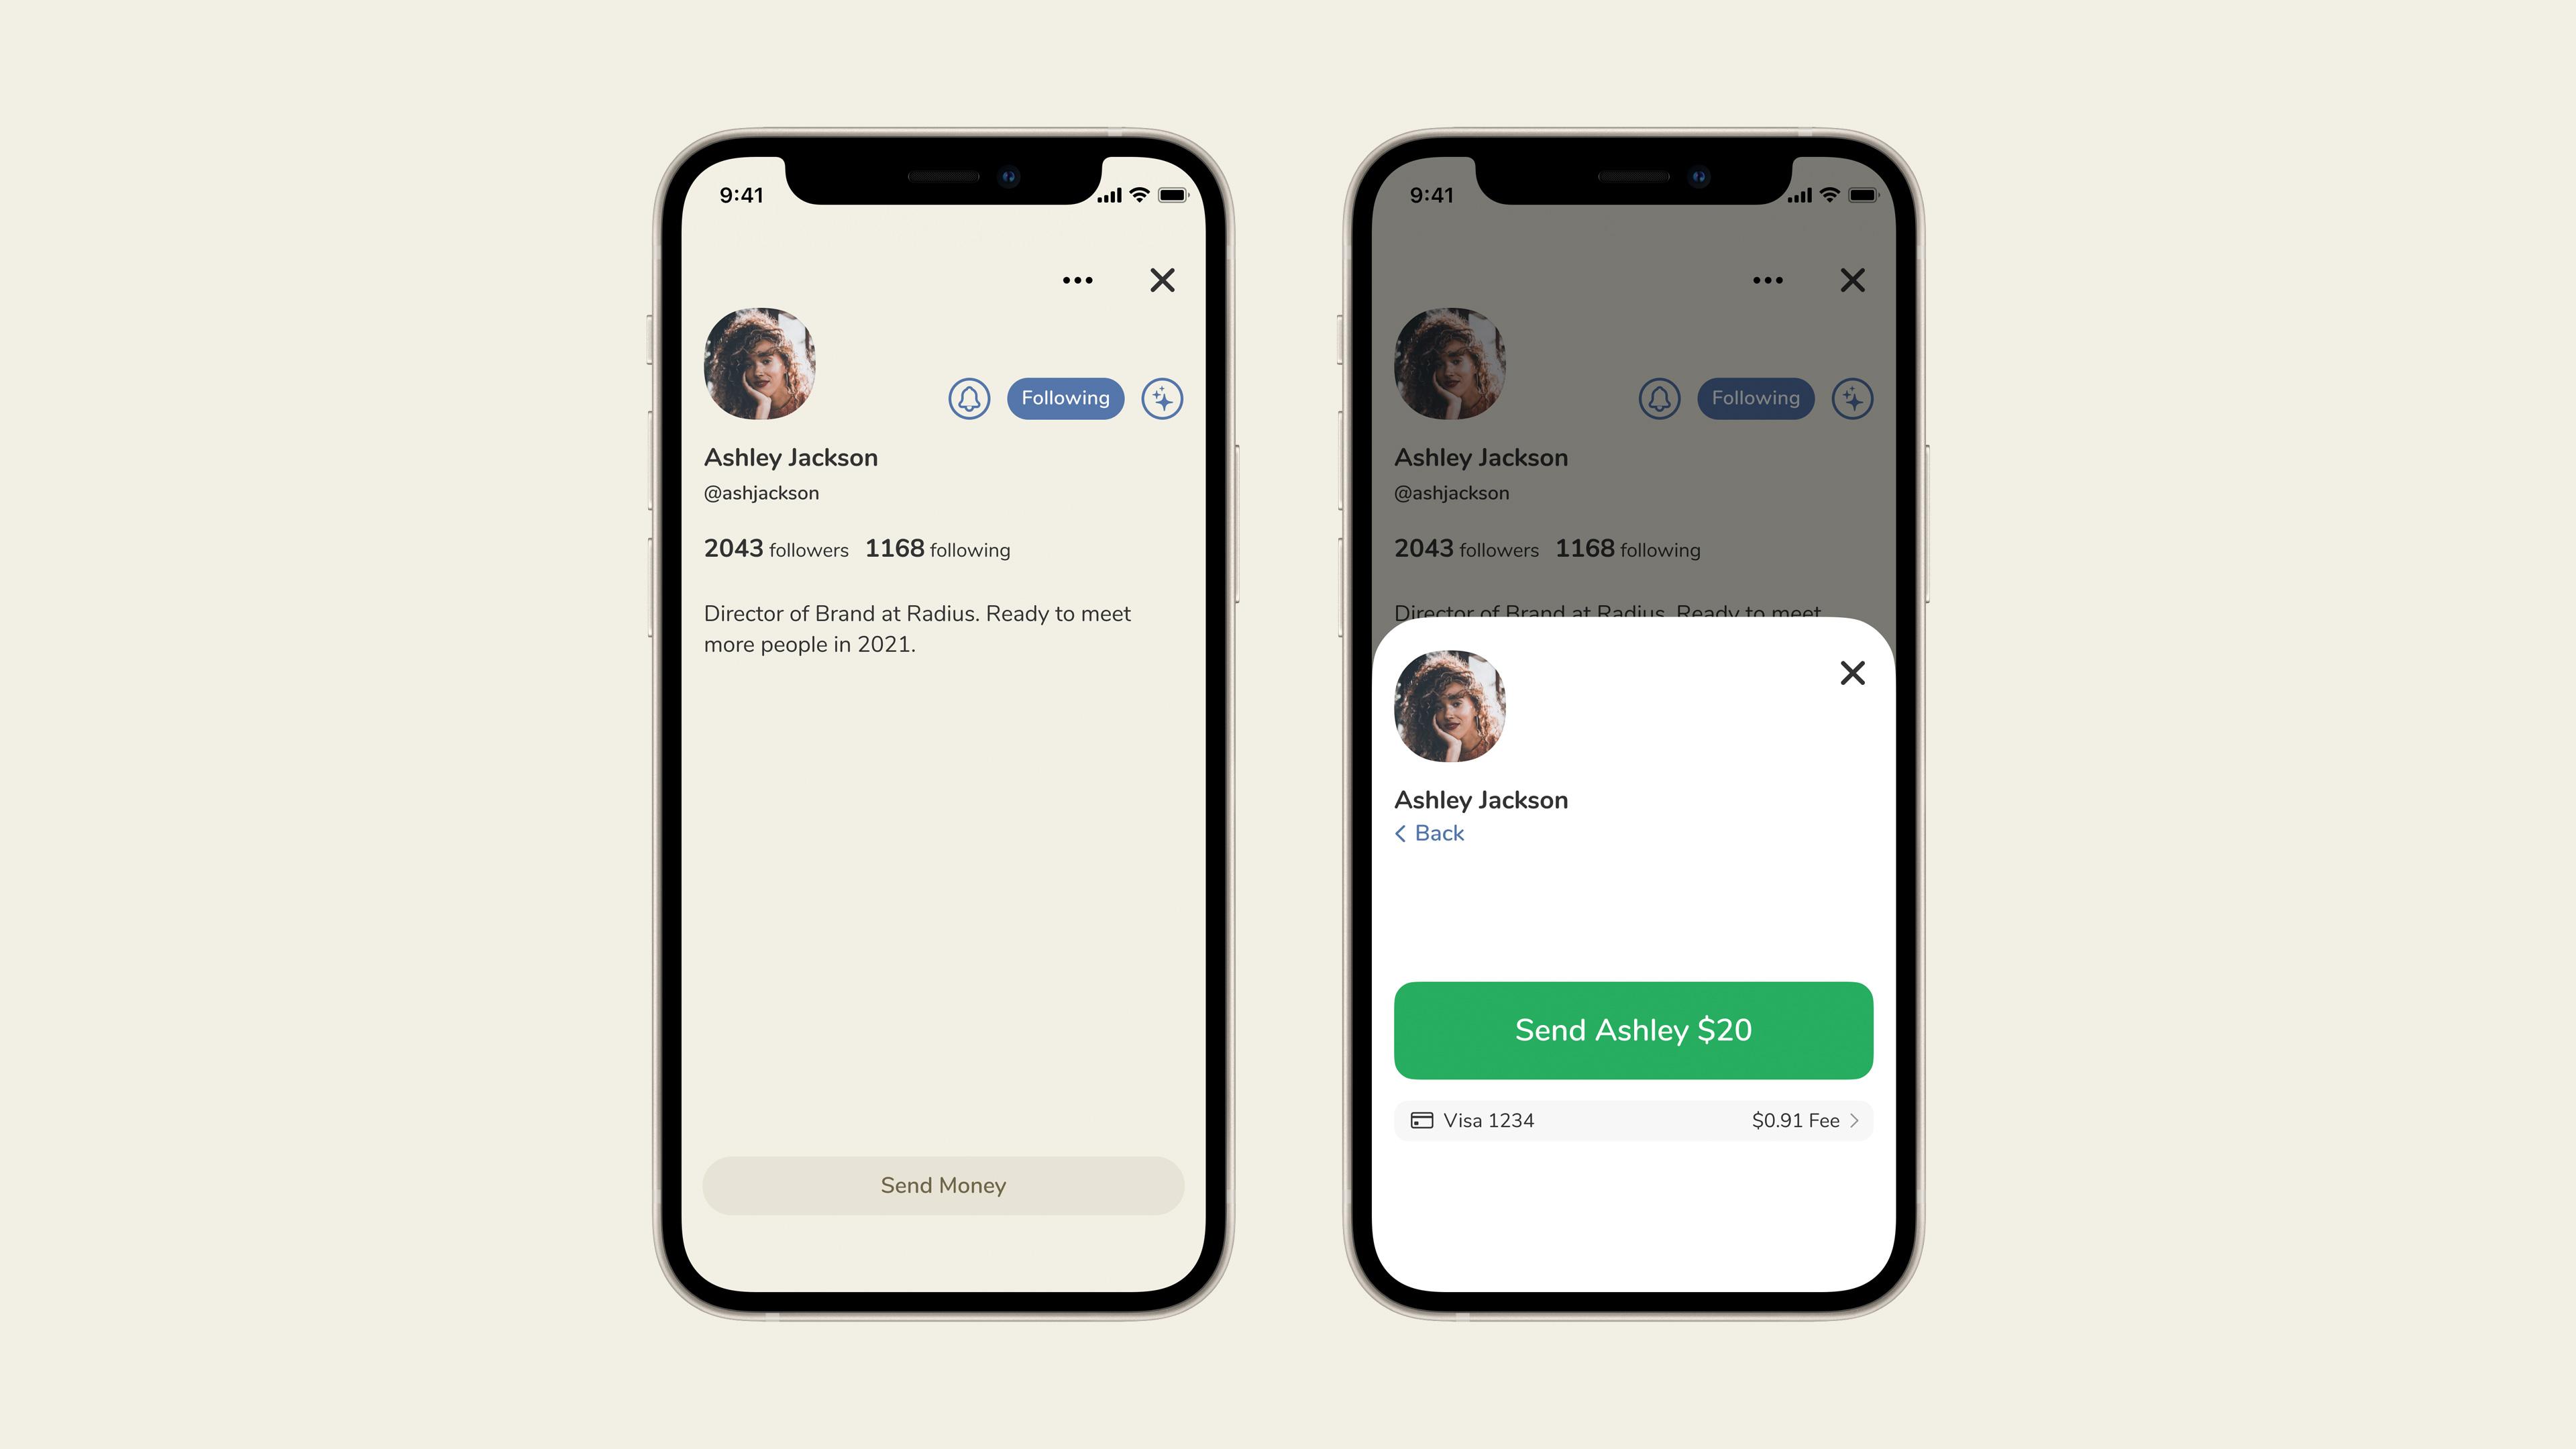 Clubhouse giới thiệu tính năng mới 'Thanh toán' để gửi tiền cho người sáng tạo